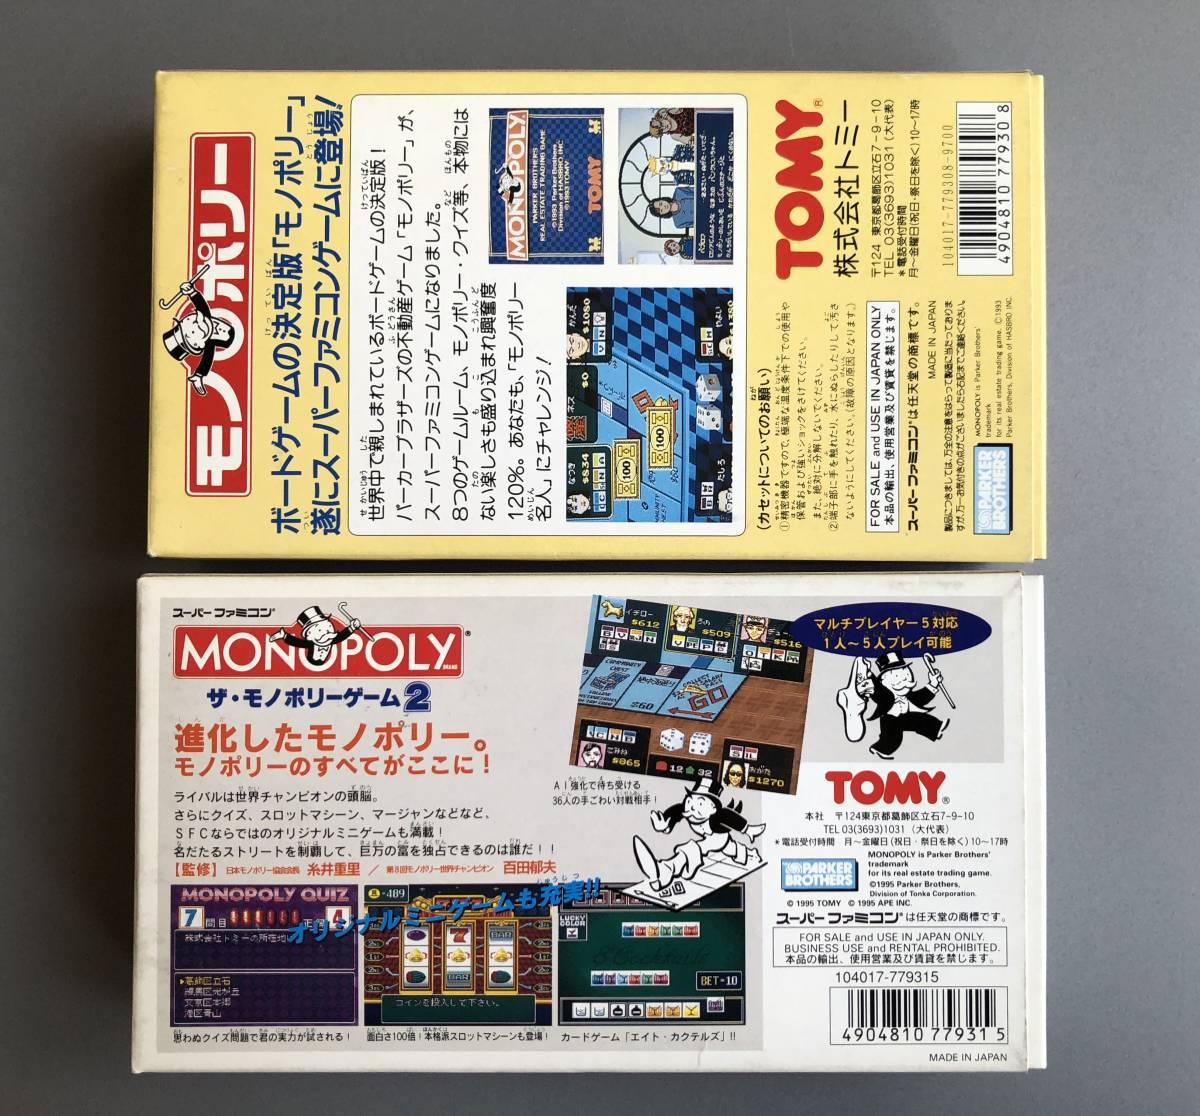 モノポリー + モノポリー2 箱説 ハガキ_画像2